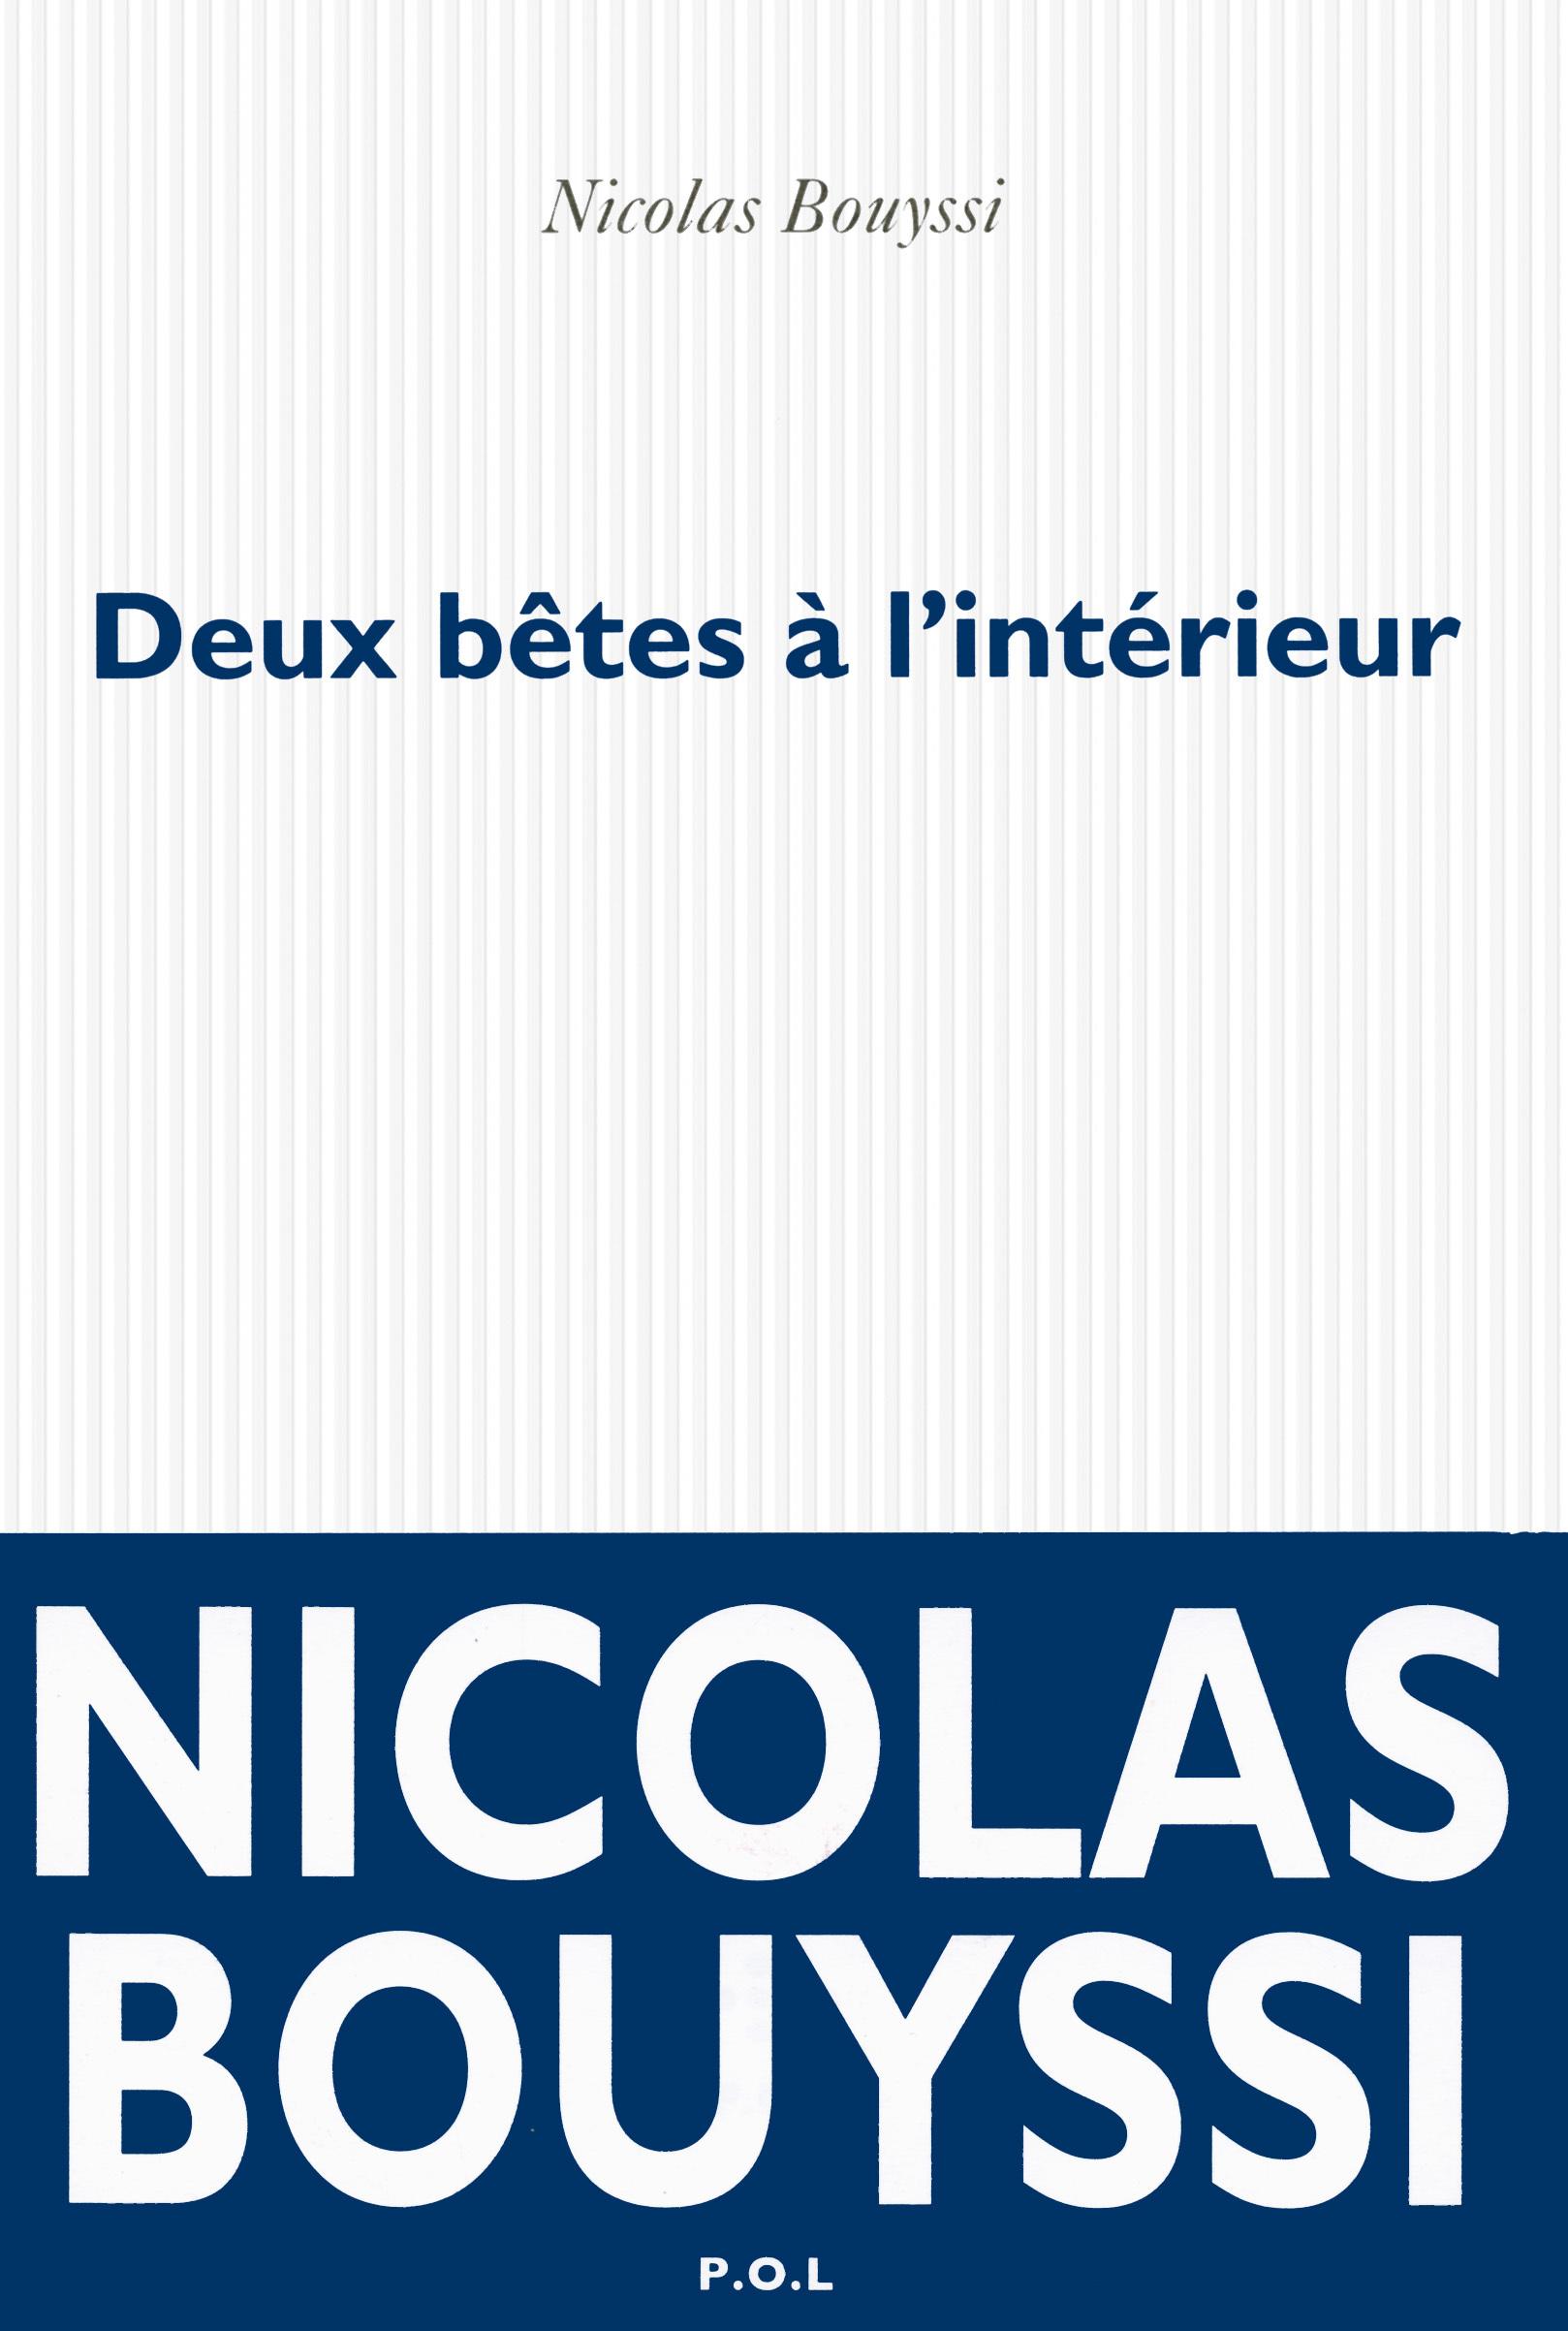 DEUX BETES A L'INTERIEUR